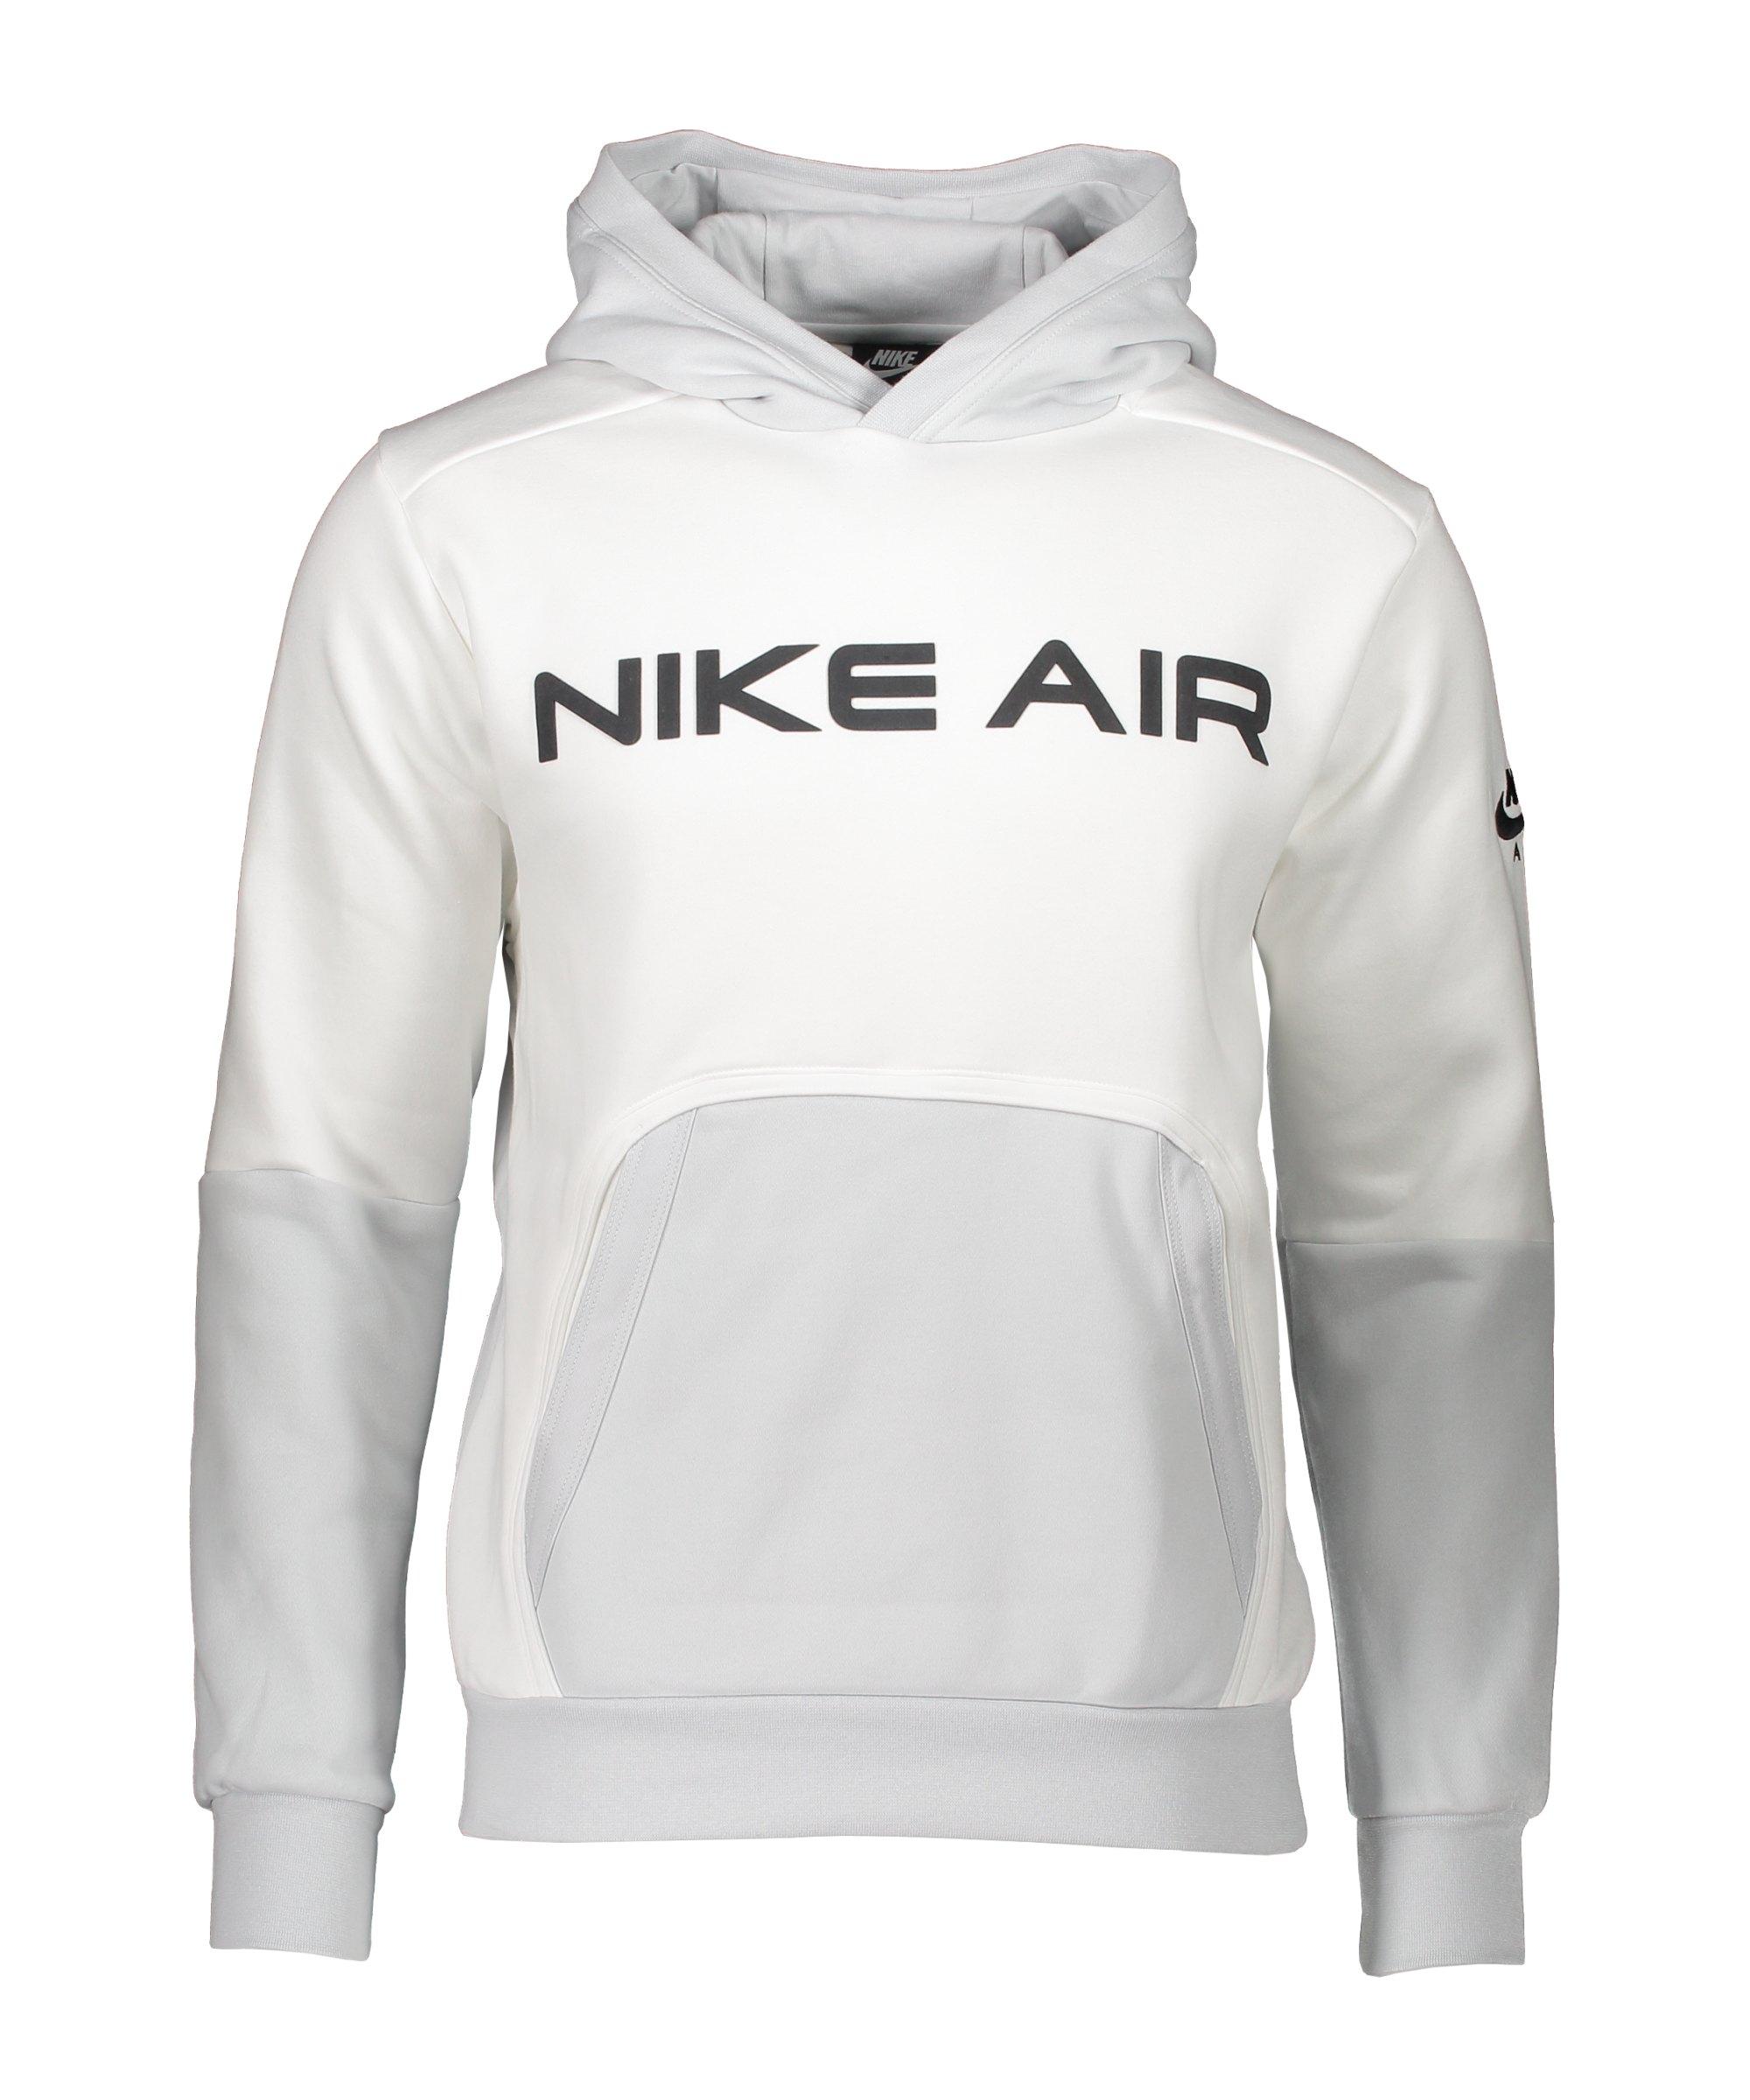 Nike Air Fleece Hoody Weiss Schwarz F100 - weiss